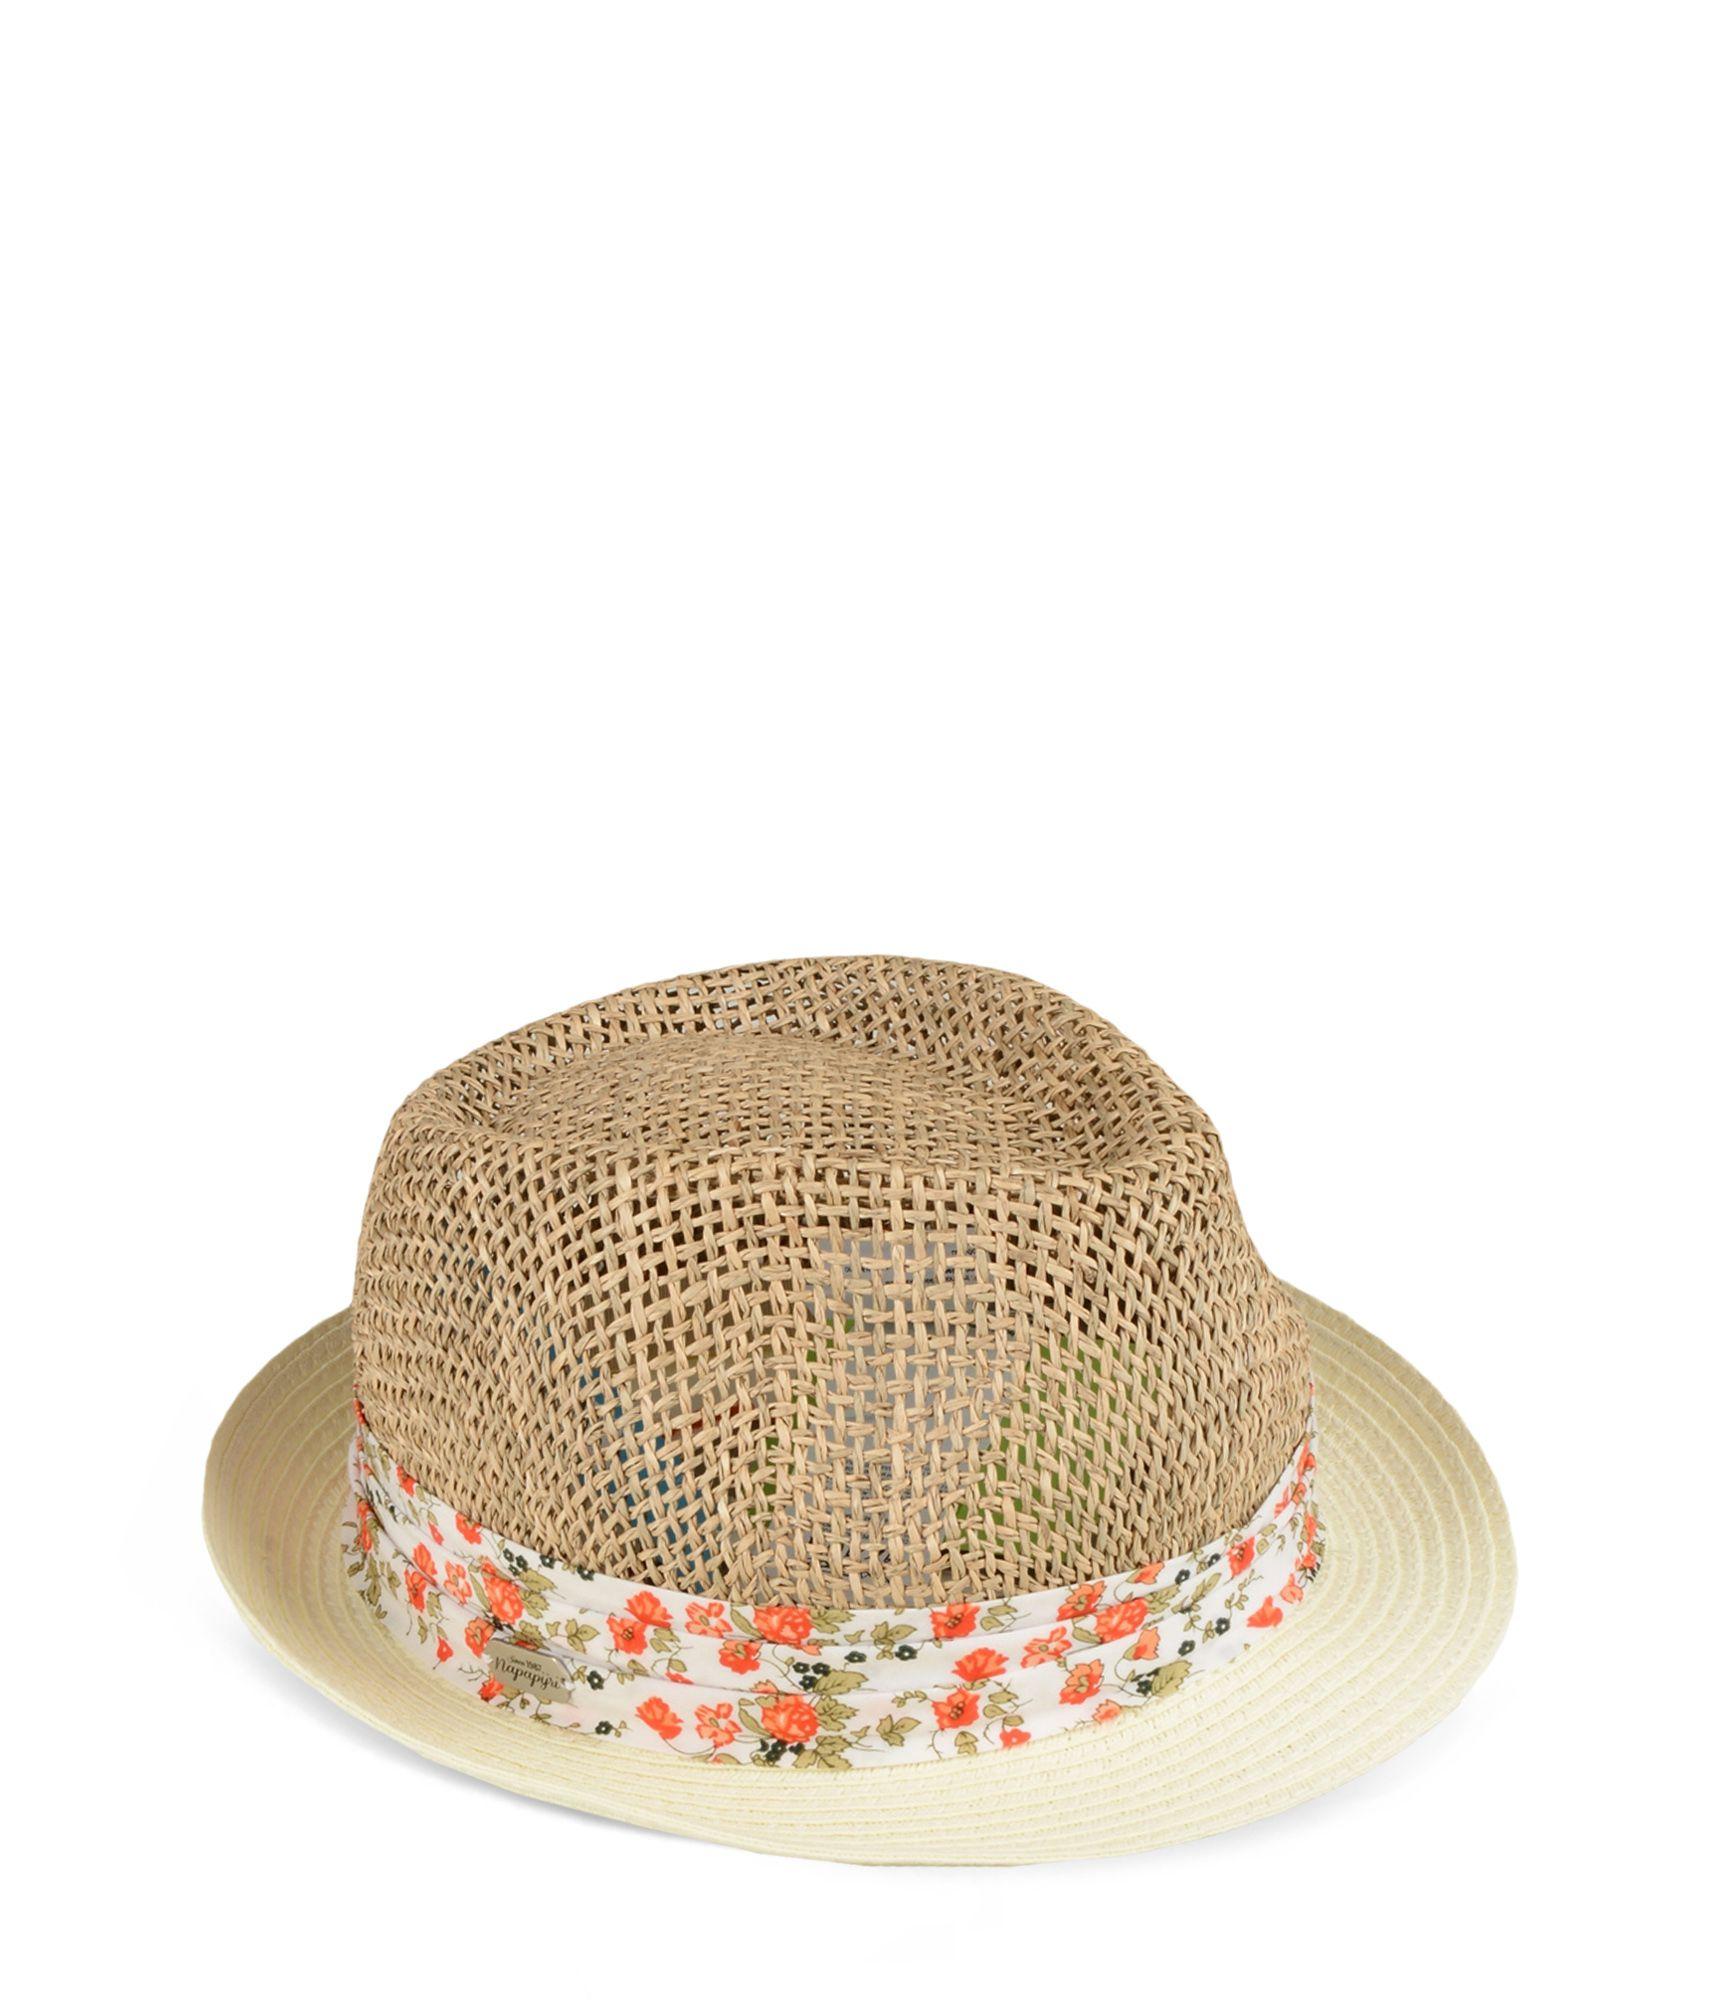 Artikel klicken und genauer betrachten! - Panama-Strohhut für Damen Bedrucktes Gewebtes Band Grafikdetails | im Online Shop kaufen